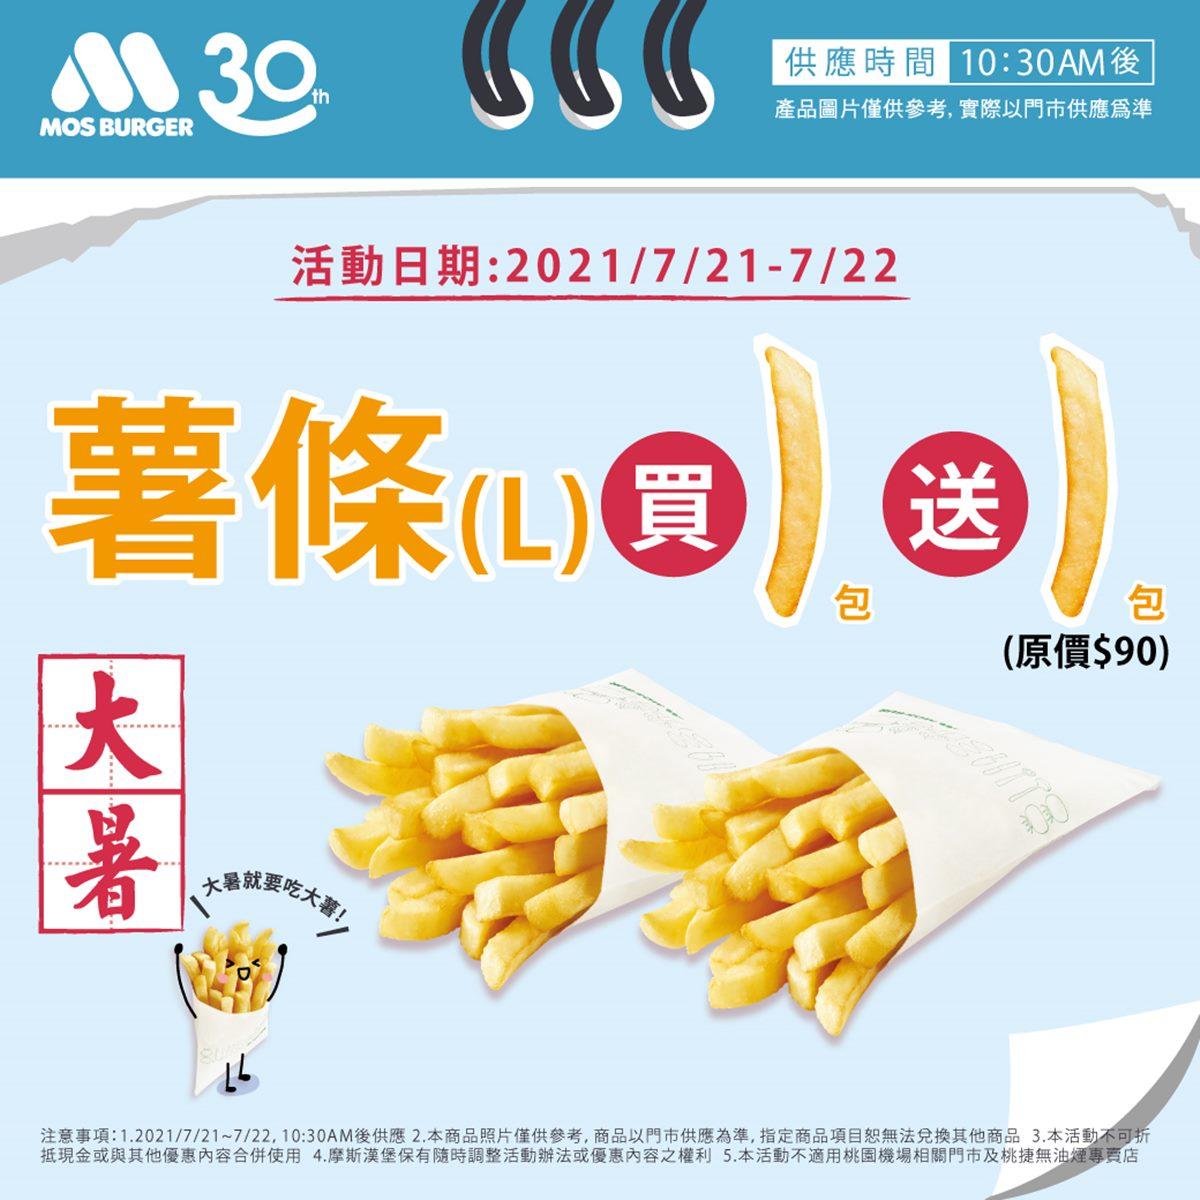 現賺45元!摩斯漢堡推大、小暑日「大薯買一送一」,多達4天都能爽嗑薯條